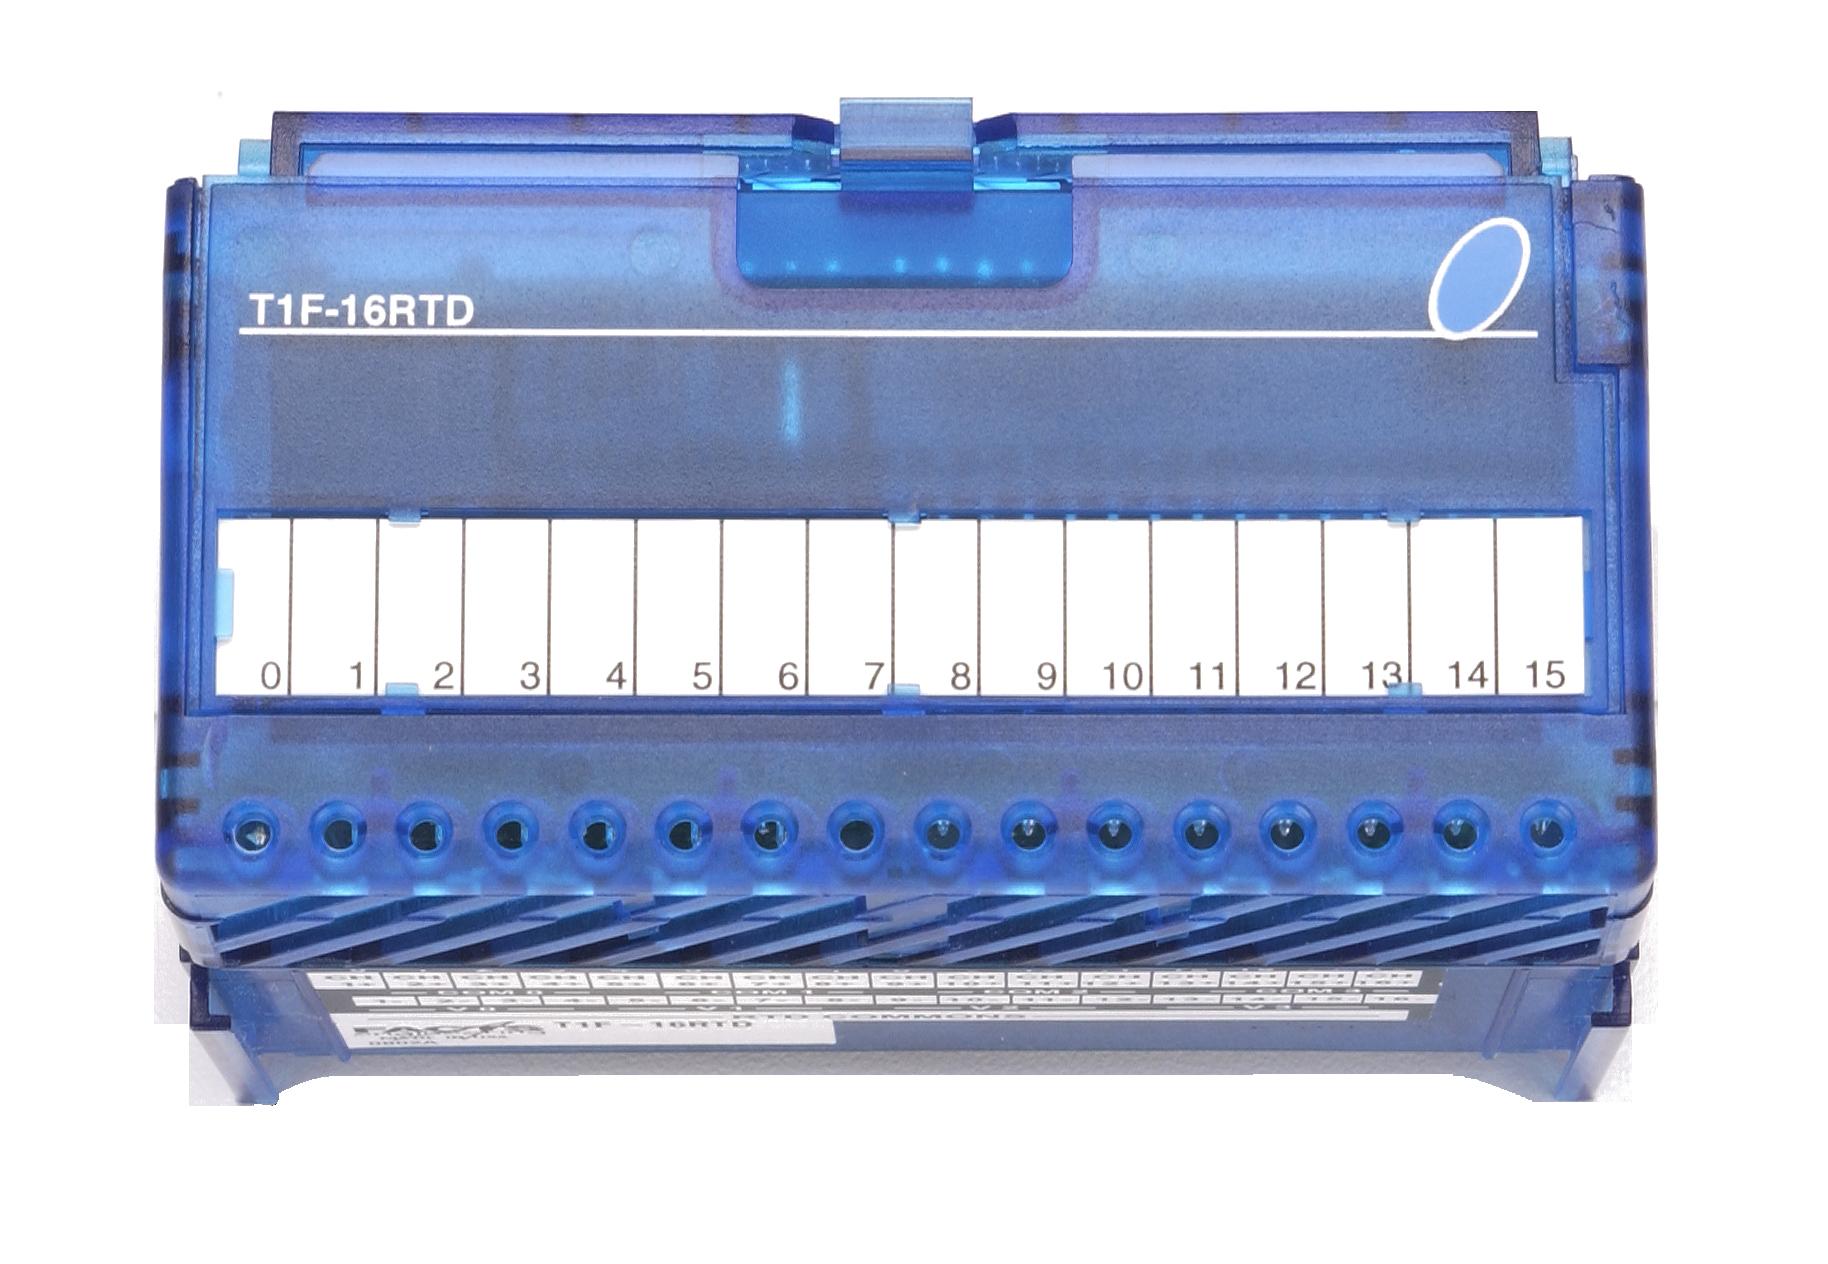 T1F-16RTD